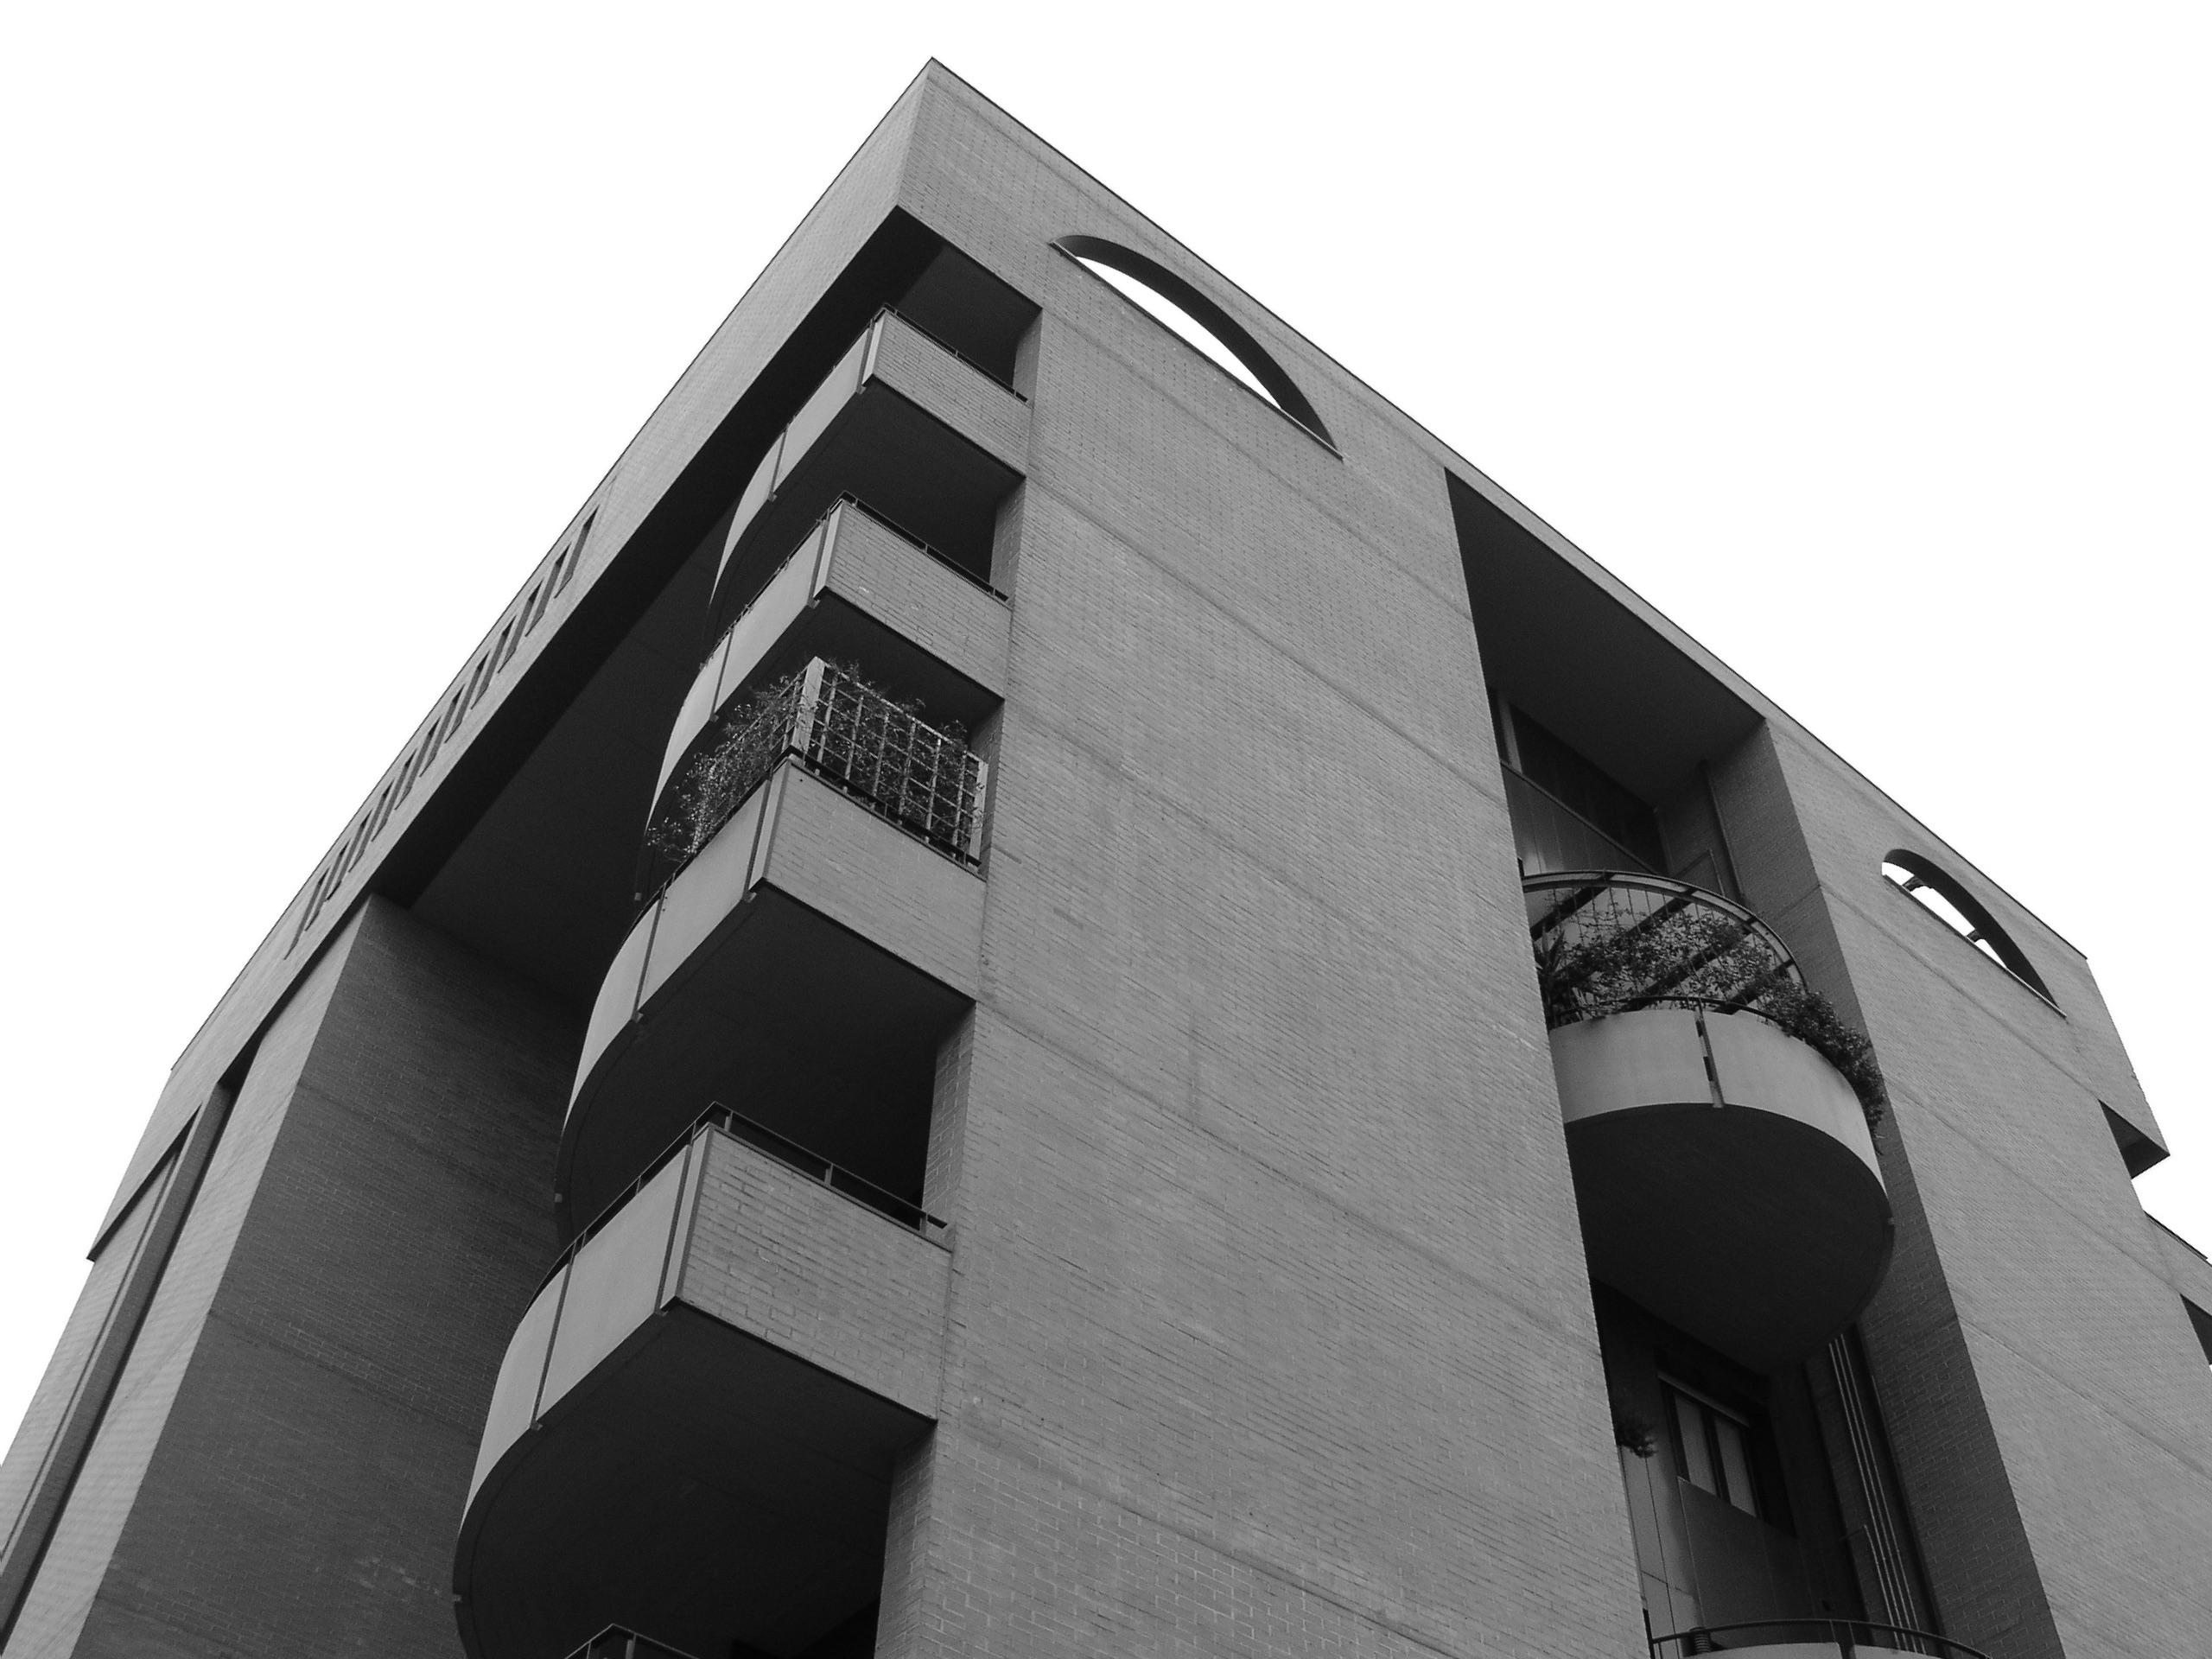 1010337 Studio Bacchi Architetti Stadium Torre